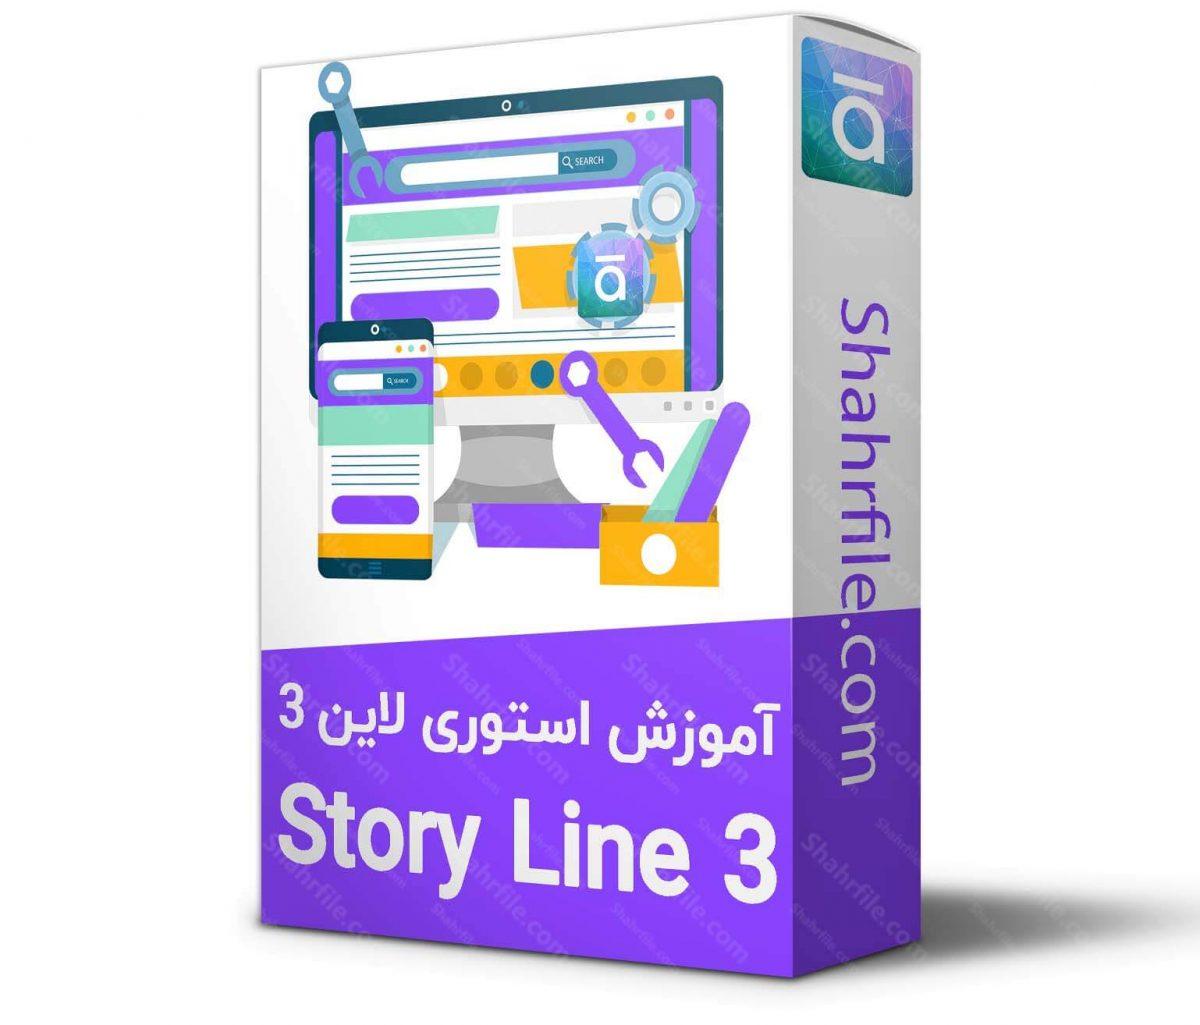 آموزش جامع نرم افزار استوری لاین 3 دوبله آموزش جهانی Storyline 3